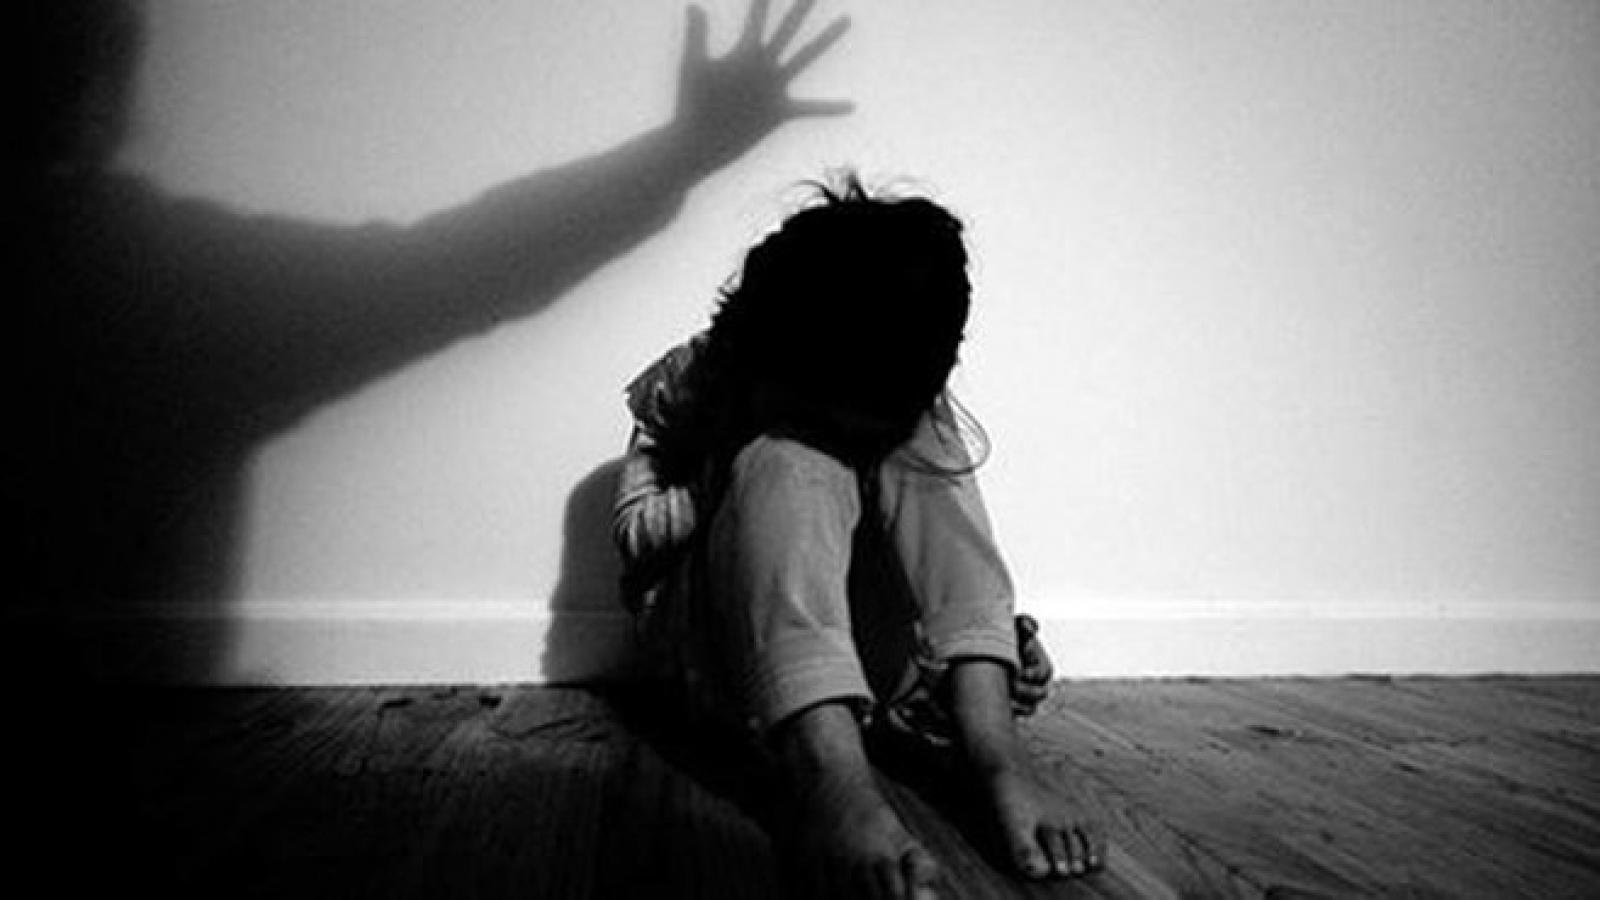 Bình Dương cảnh báo tình trạng xâm hại tình dục trẻ em